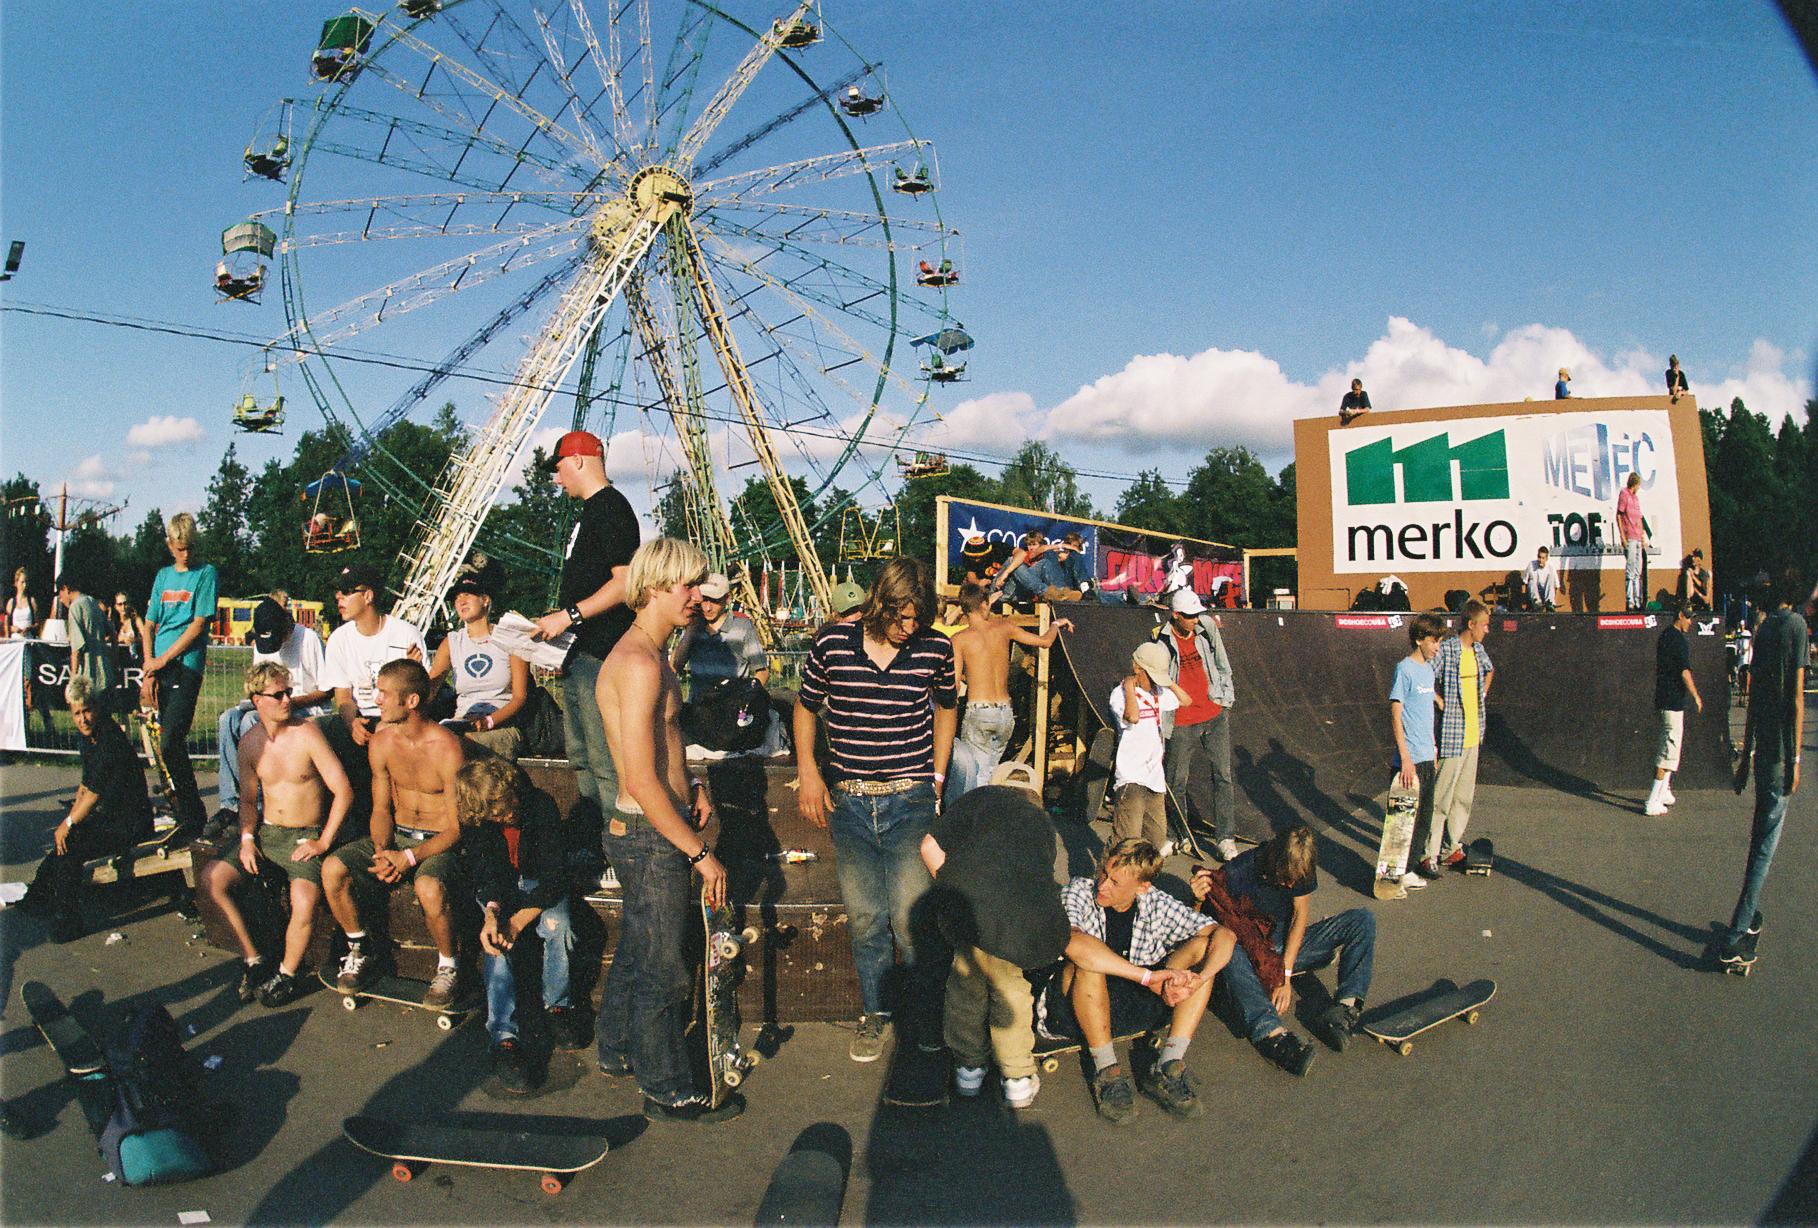 Häng Simple Sessionil aastal 2002 Tähtvere rulapargis. Foto: Timo Toots